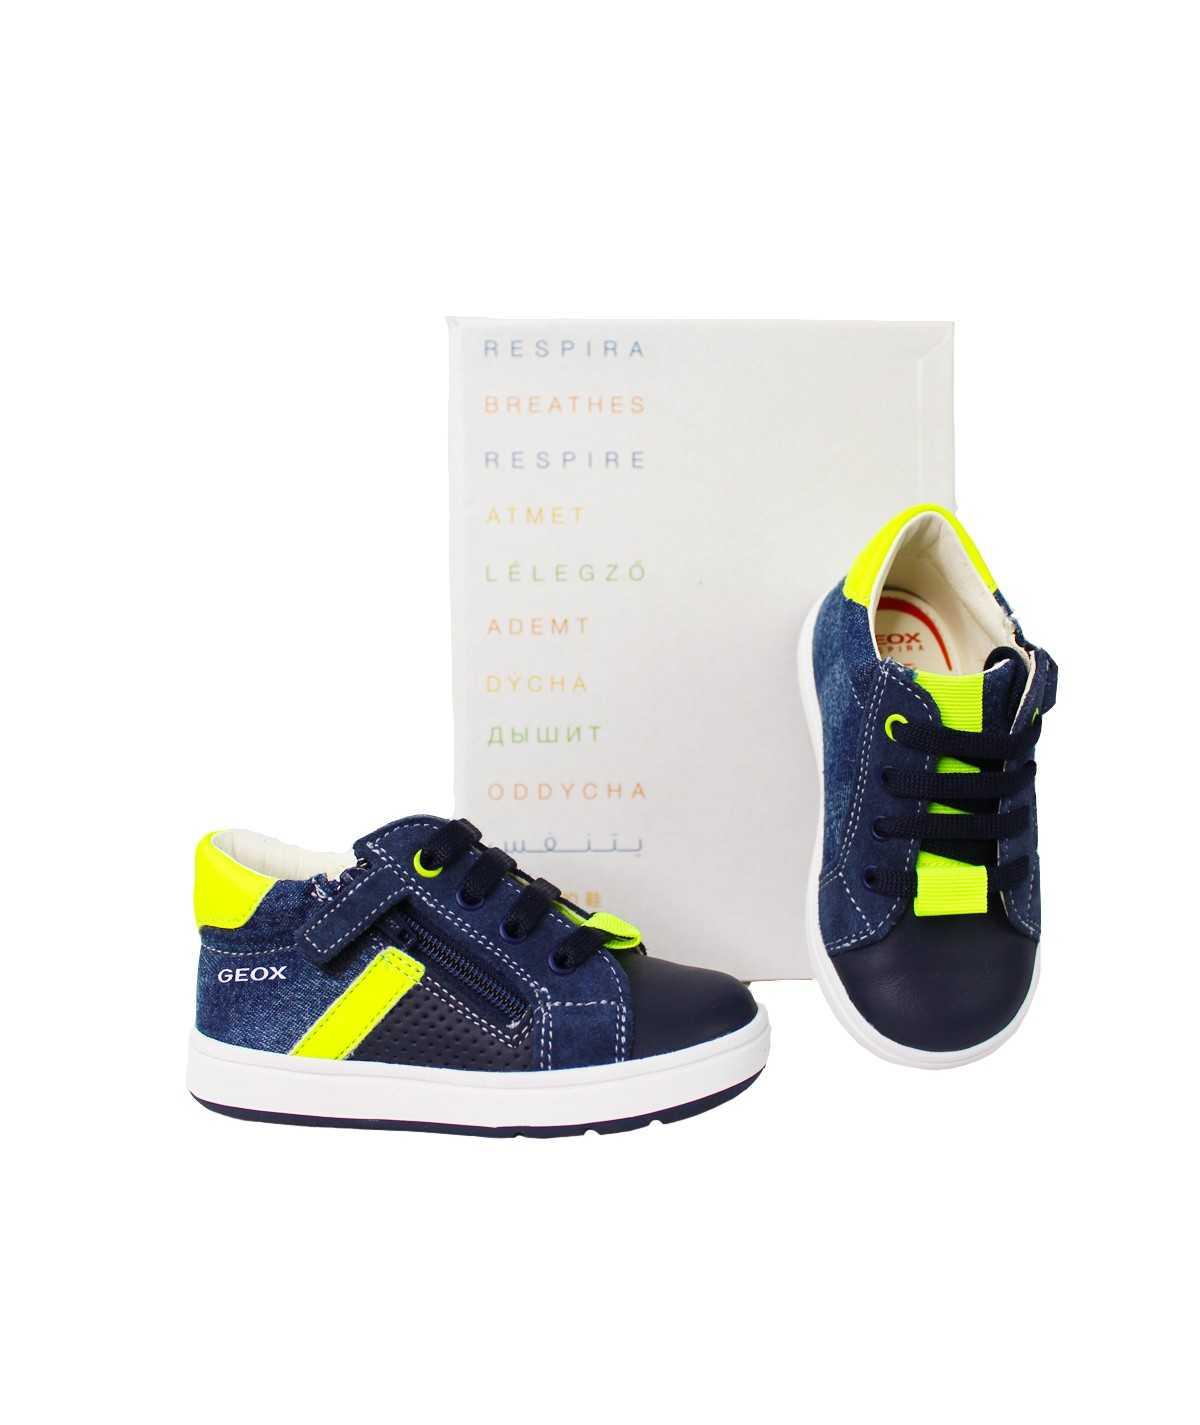 GEOX Sneakers Bambino 19/25